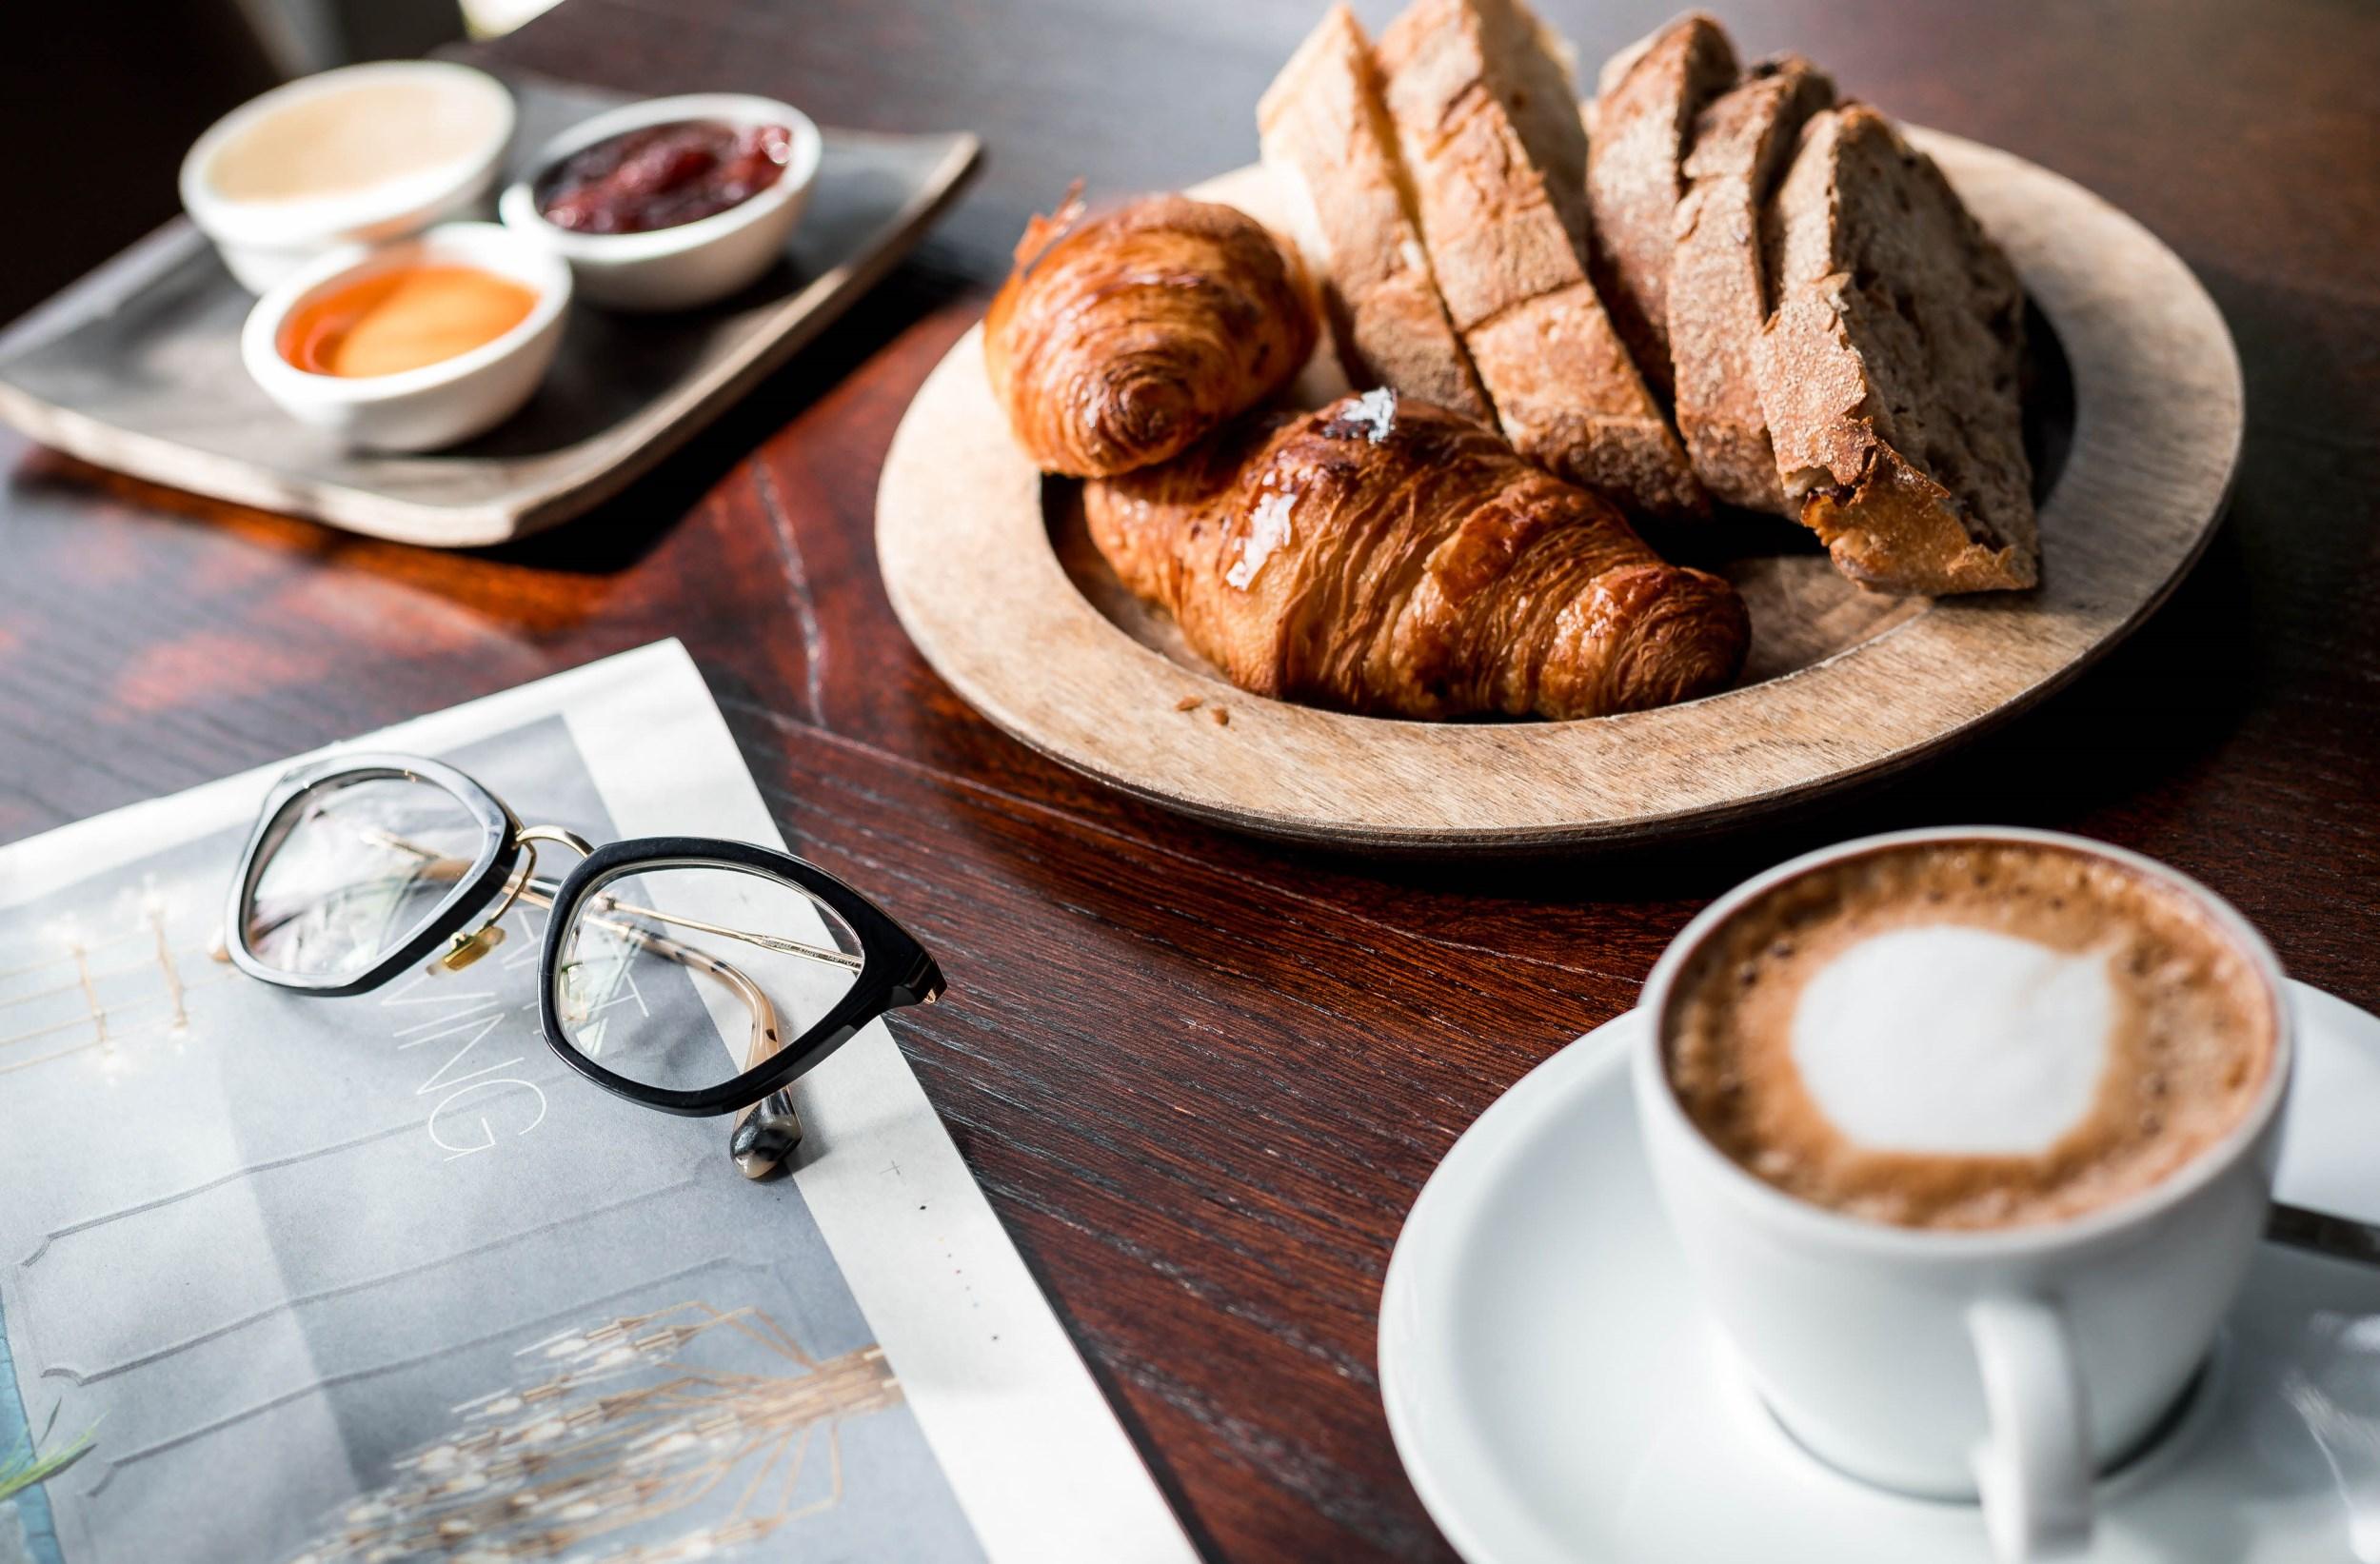 ארוחת בוקר - מלון ליר